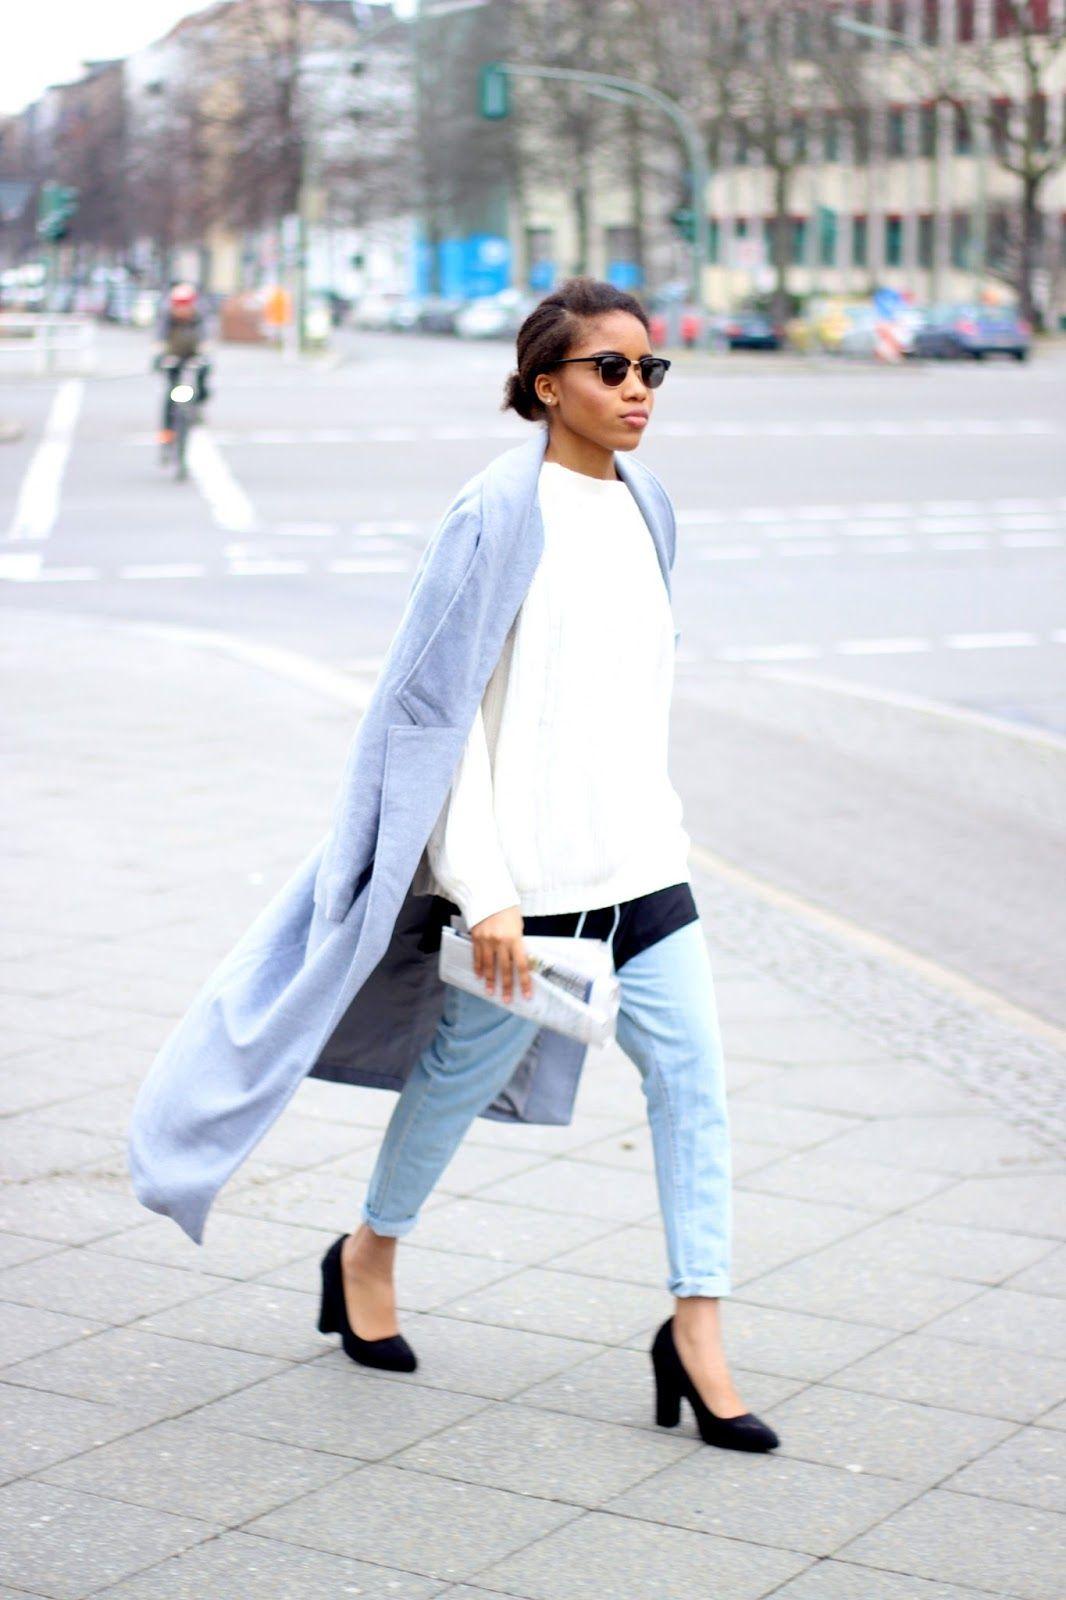 Bezaubernd Grauer Mantel Kombinieren Dekoration Von Outfit: Boyfriend Jeans Und Layer- Look, Boyfriend